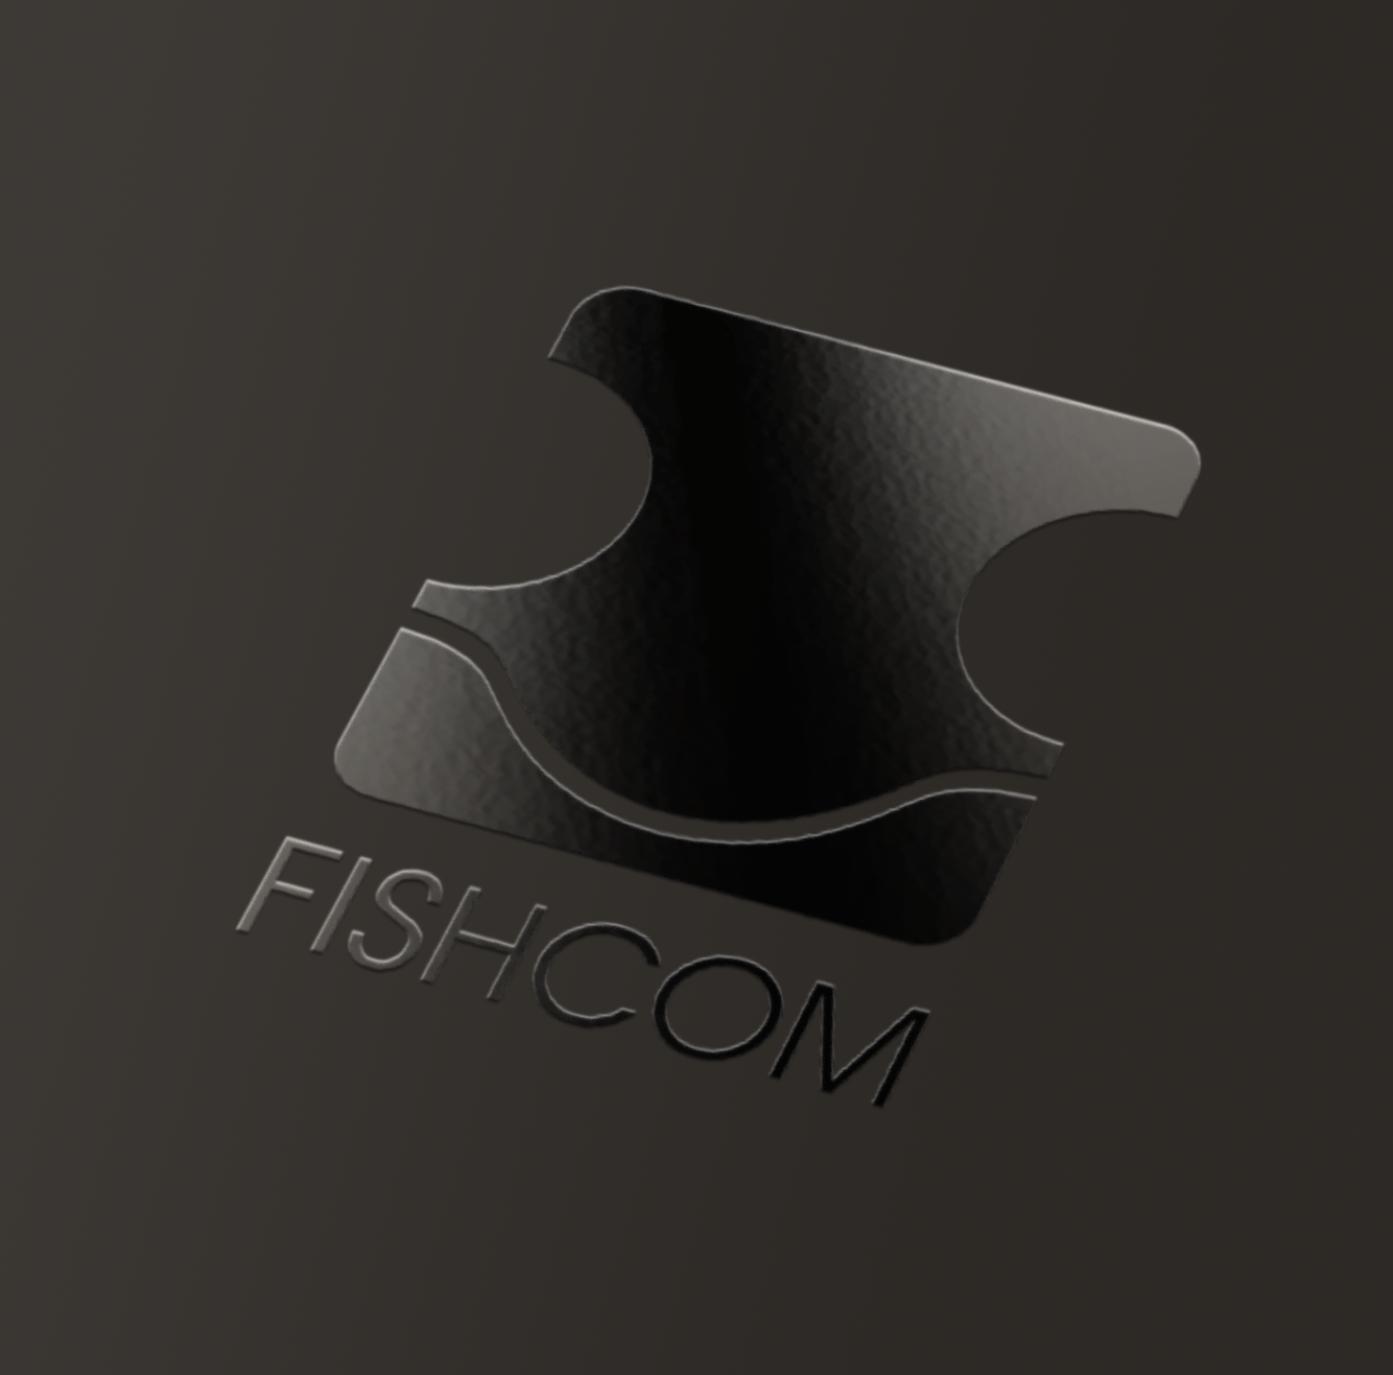 Создание логотипа и брэндбука для компании РЫБКОМ фото f_2415c18d8171c020.png